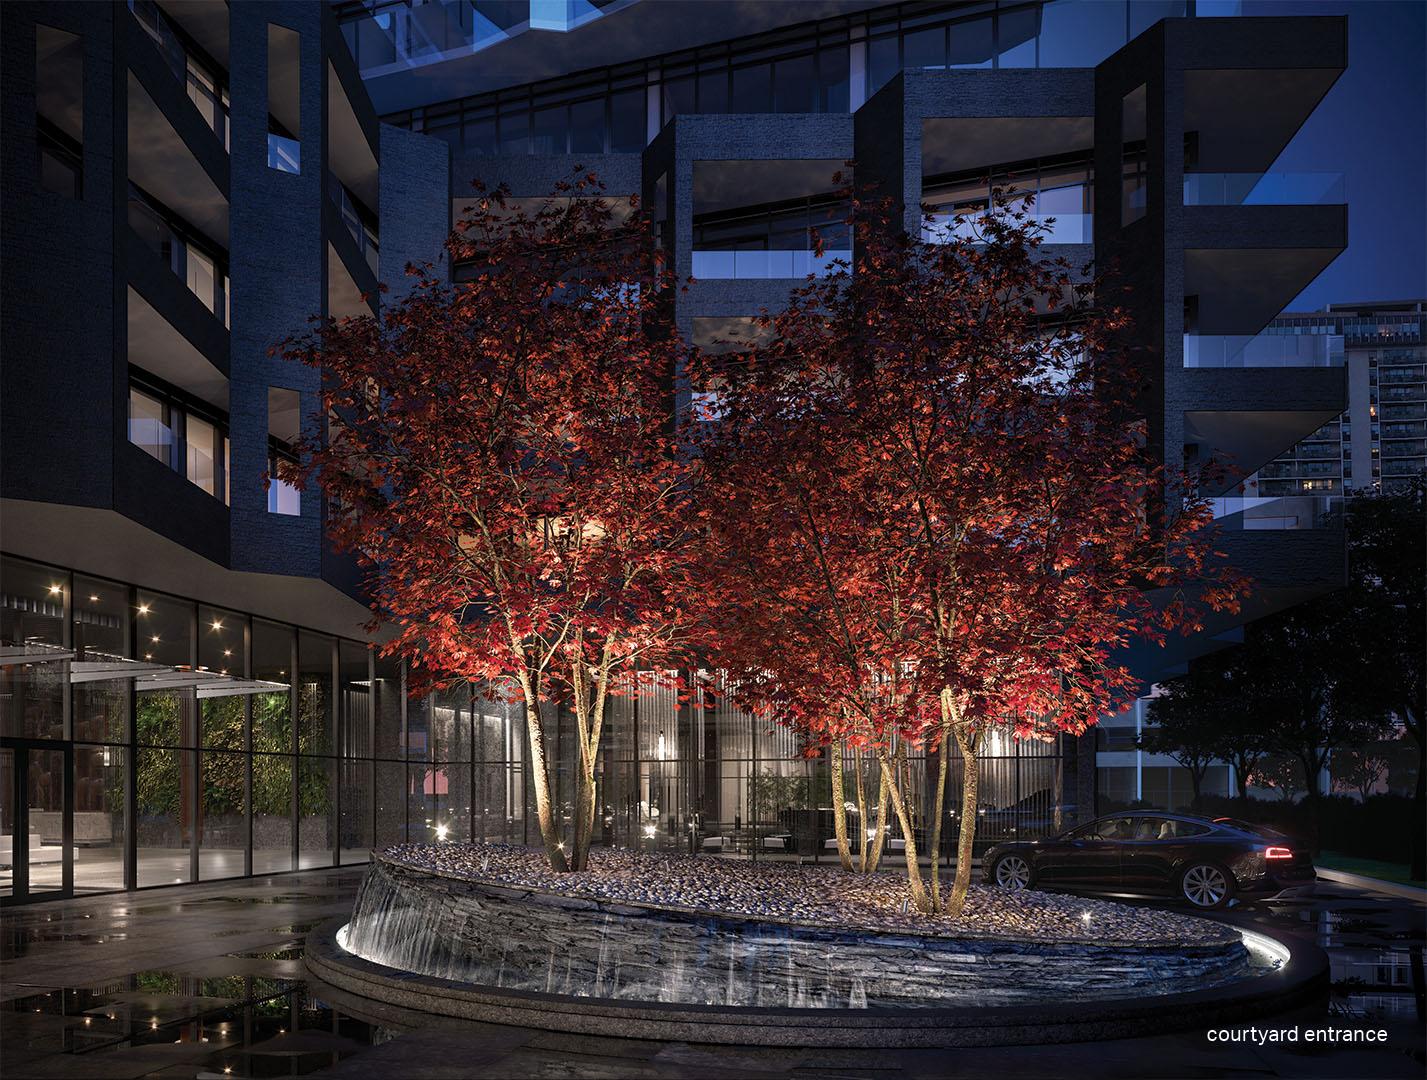 2-courtyard-entrance